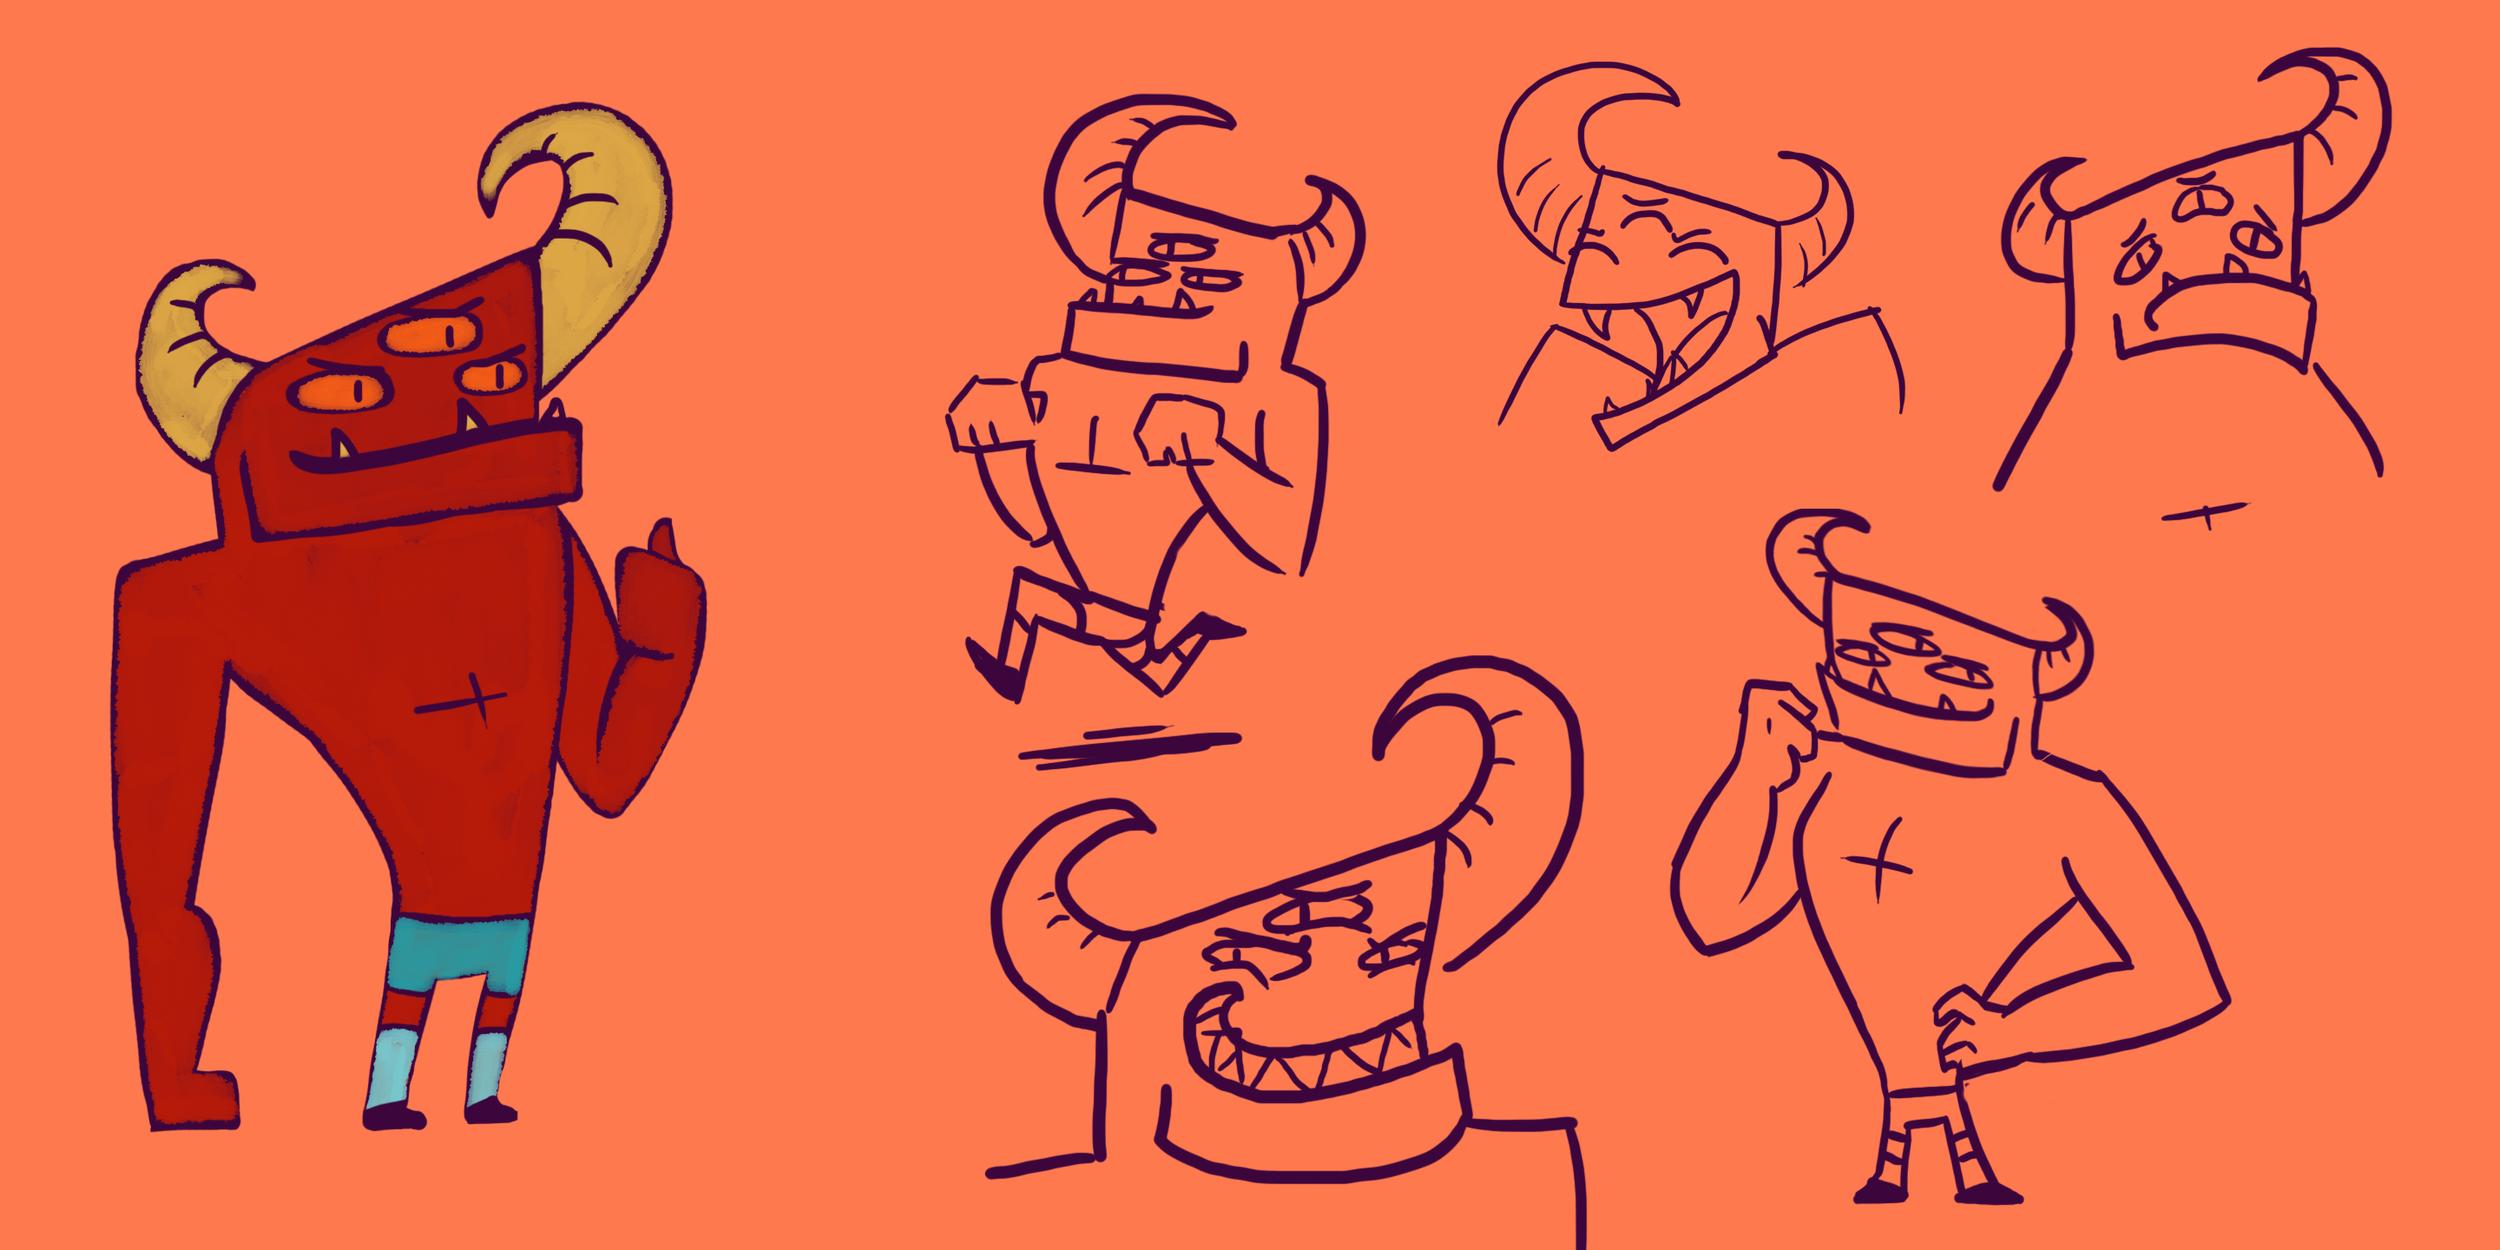 Yuckley Character Ref.